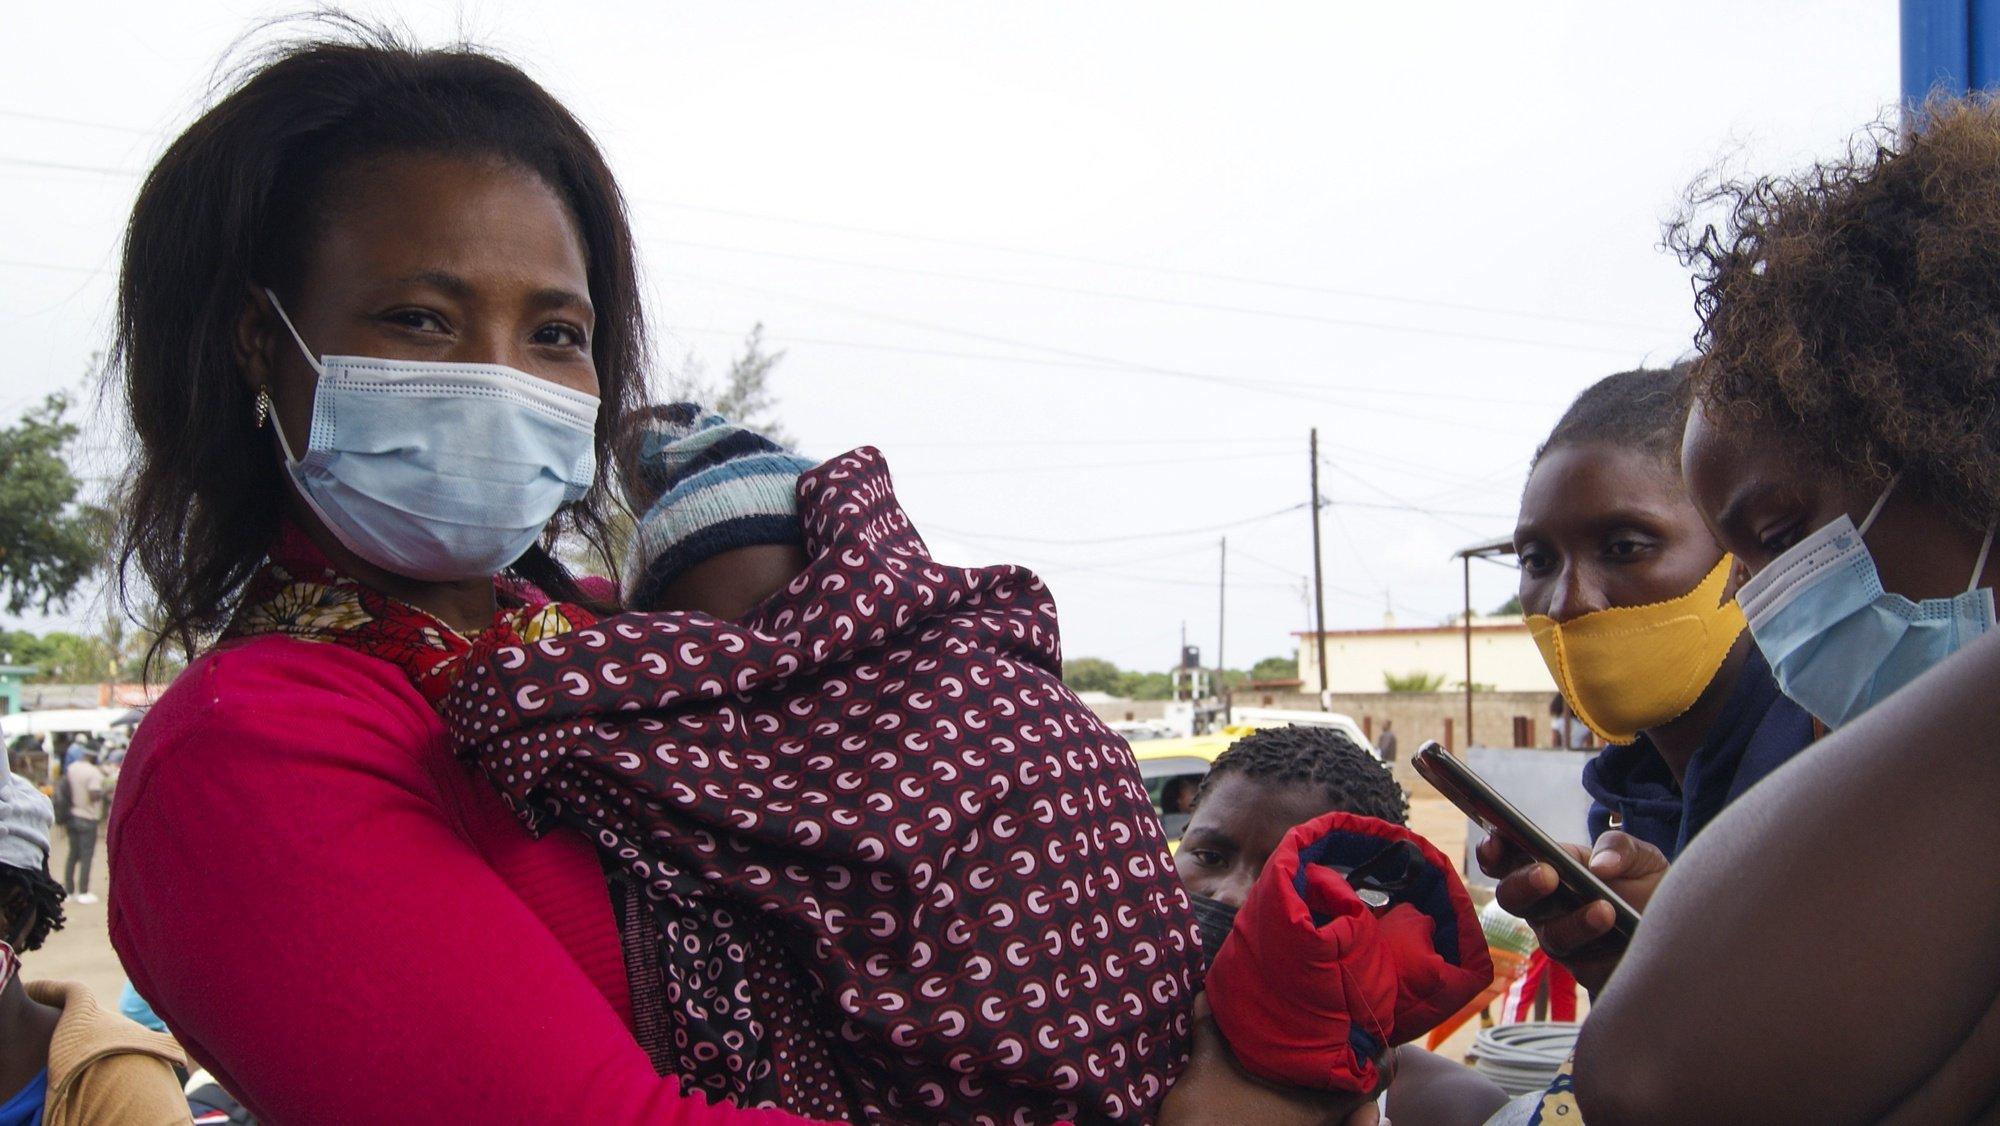 Alda Joaquim, residente em Pazimane, bairro de expansão nos arredores de Maputo, sem alternativas, tem de apanhar uma camioneta de transporte de mercadorias de caixa aberta, conhecidos como My love, para poder chegar a casa, Maputo, Moçambique, 09 de junho de 2021. (ACOMPANHA TEXTO DE 13 DE JUNHO DE 2021). LUÍSA NHANTUMBO/LUSA